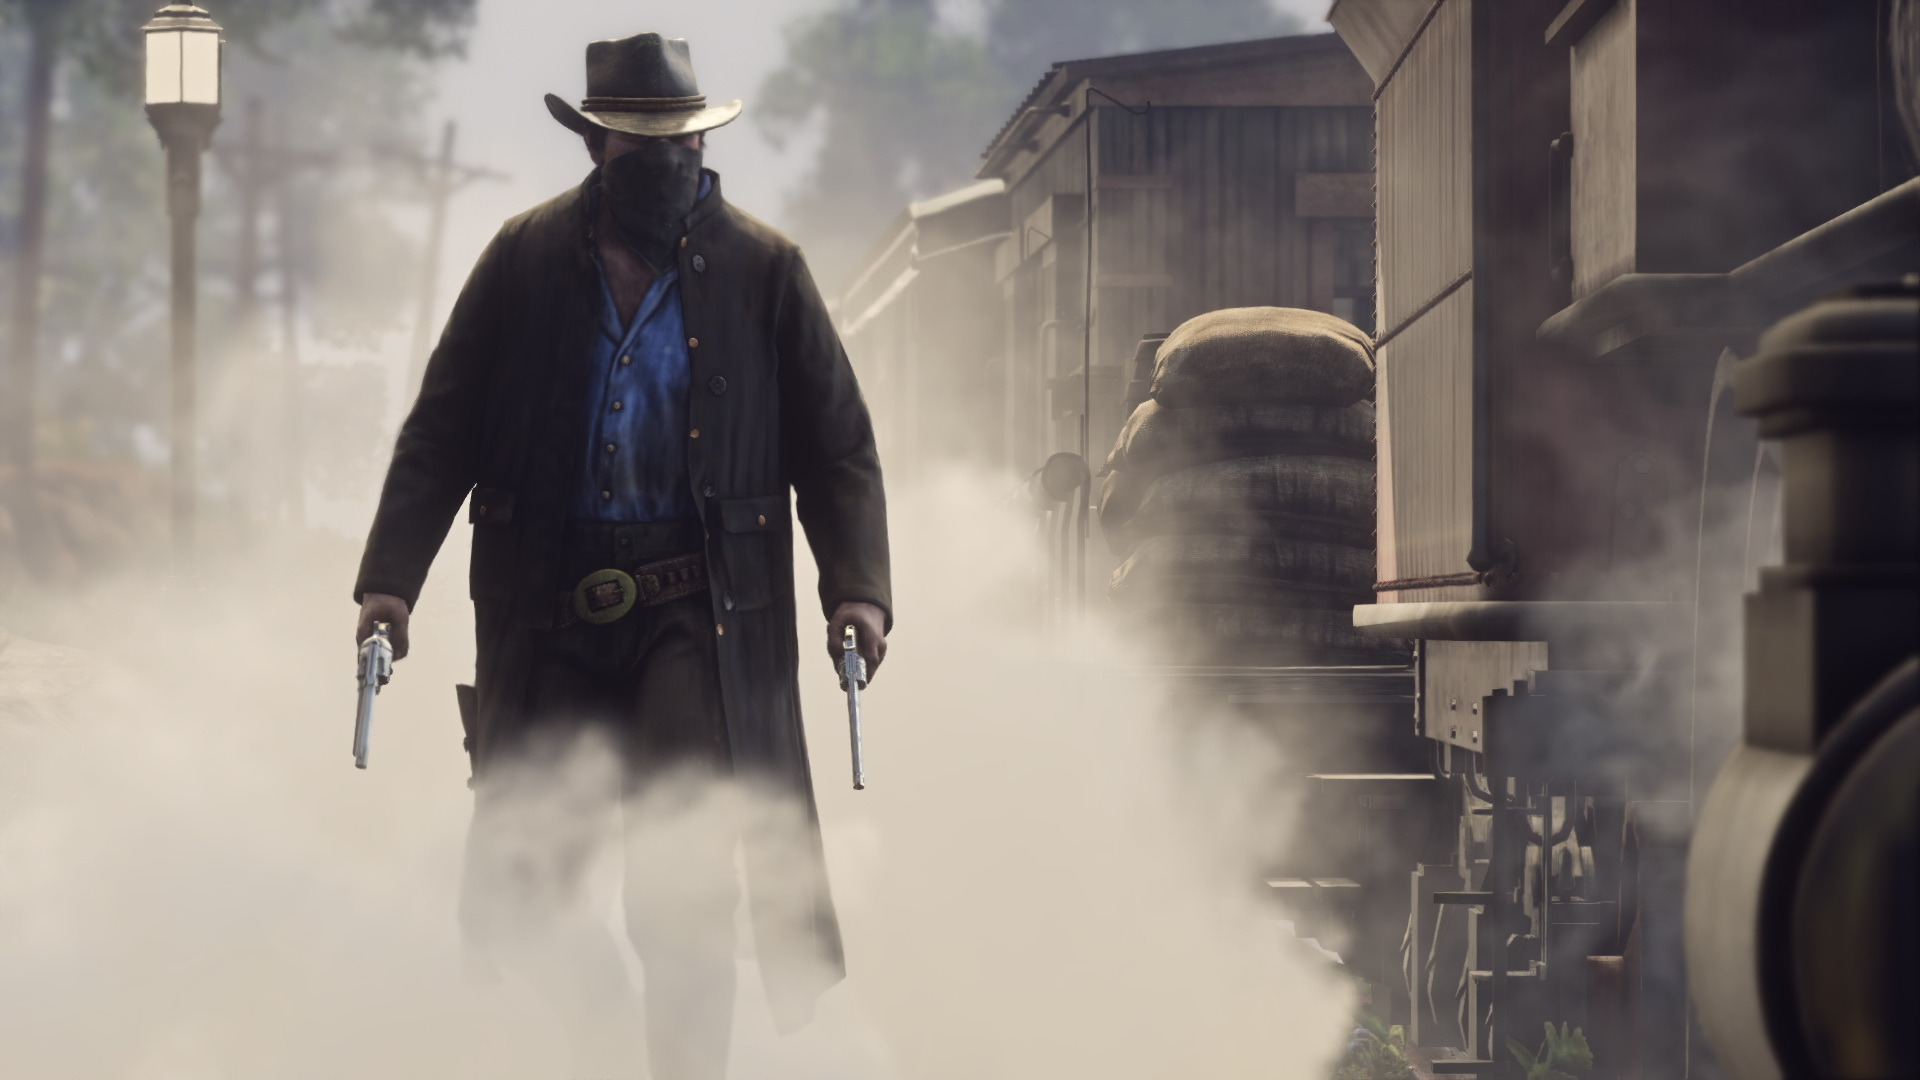 Verschiebung: Red Dead Redemption 2 kommt erst 2018 Notiz